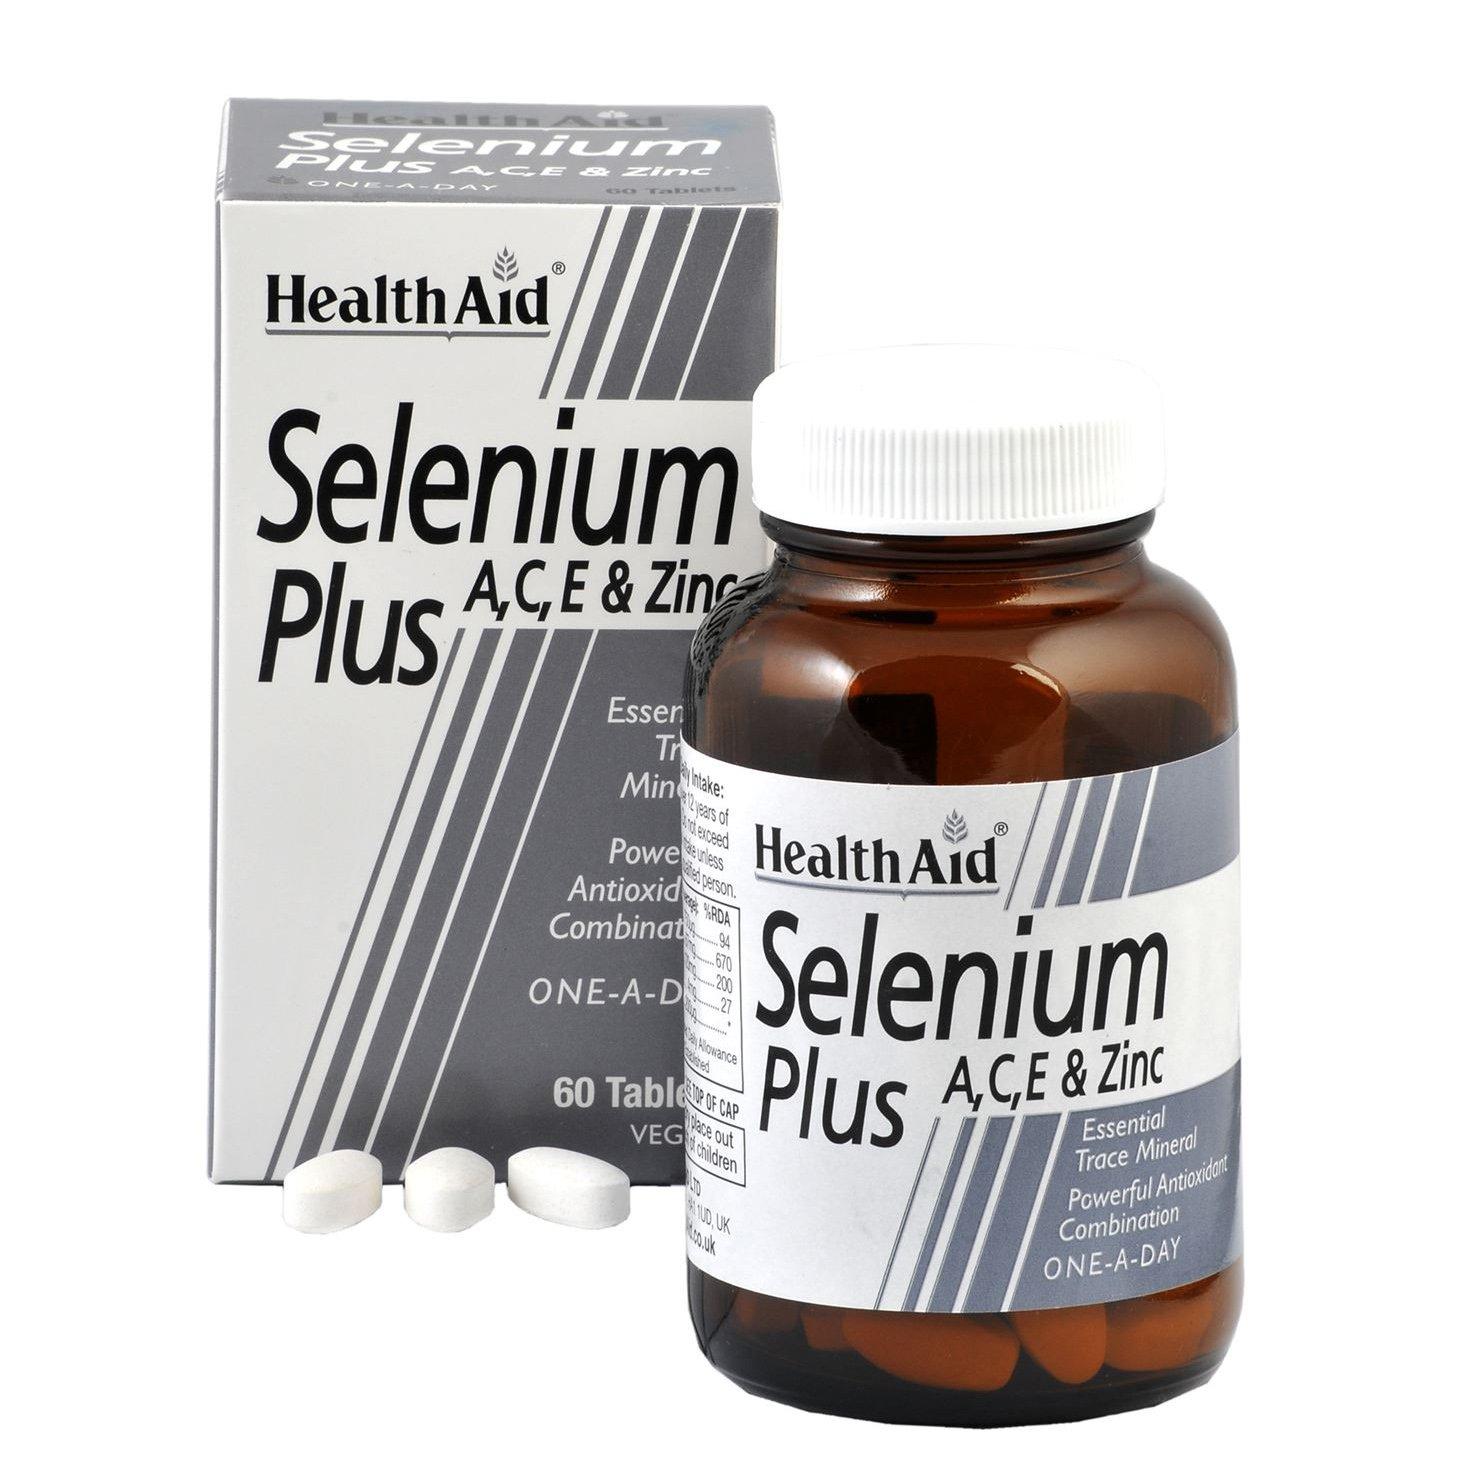 Health Aid Selenium Plus (Vitamins A, C, E & Zinc) Προστασία των Κυτταρικών Ιστών Ενάντια στην Οξείδωση 60tabs